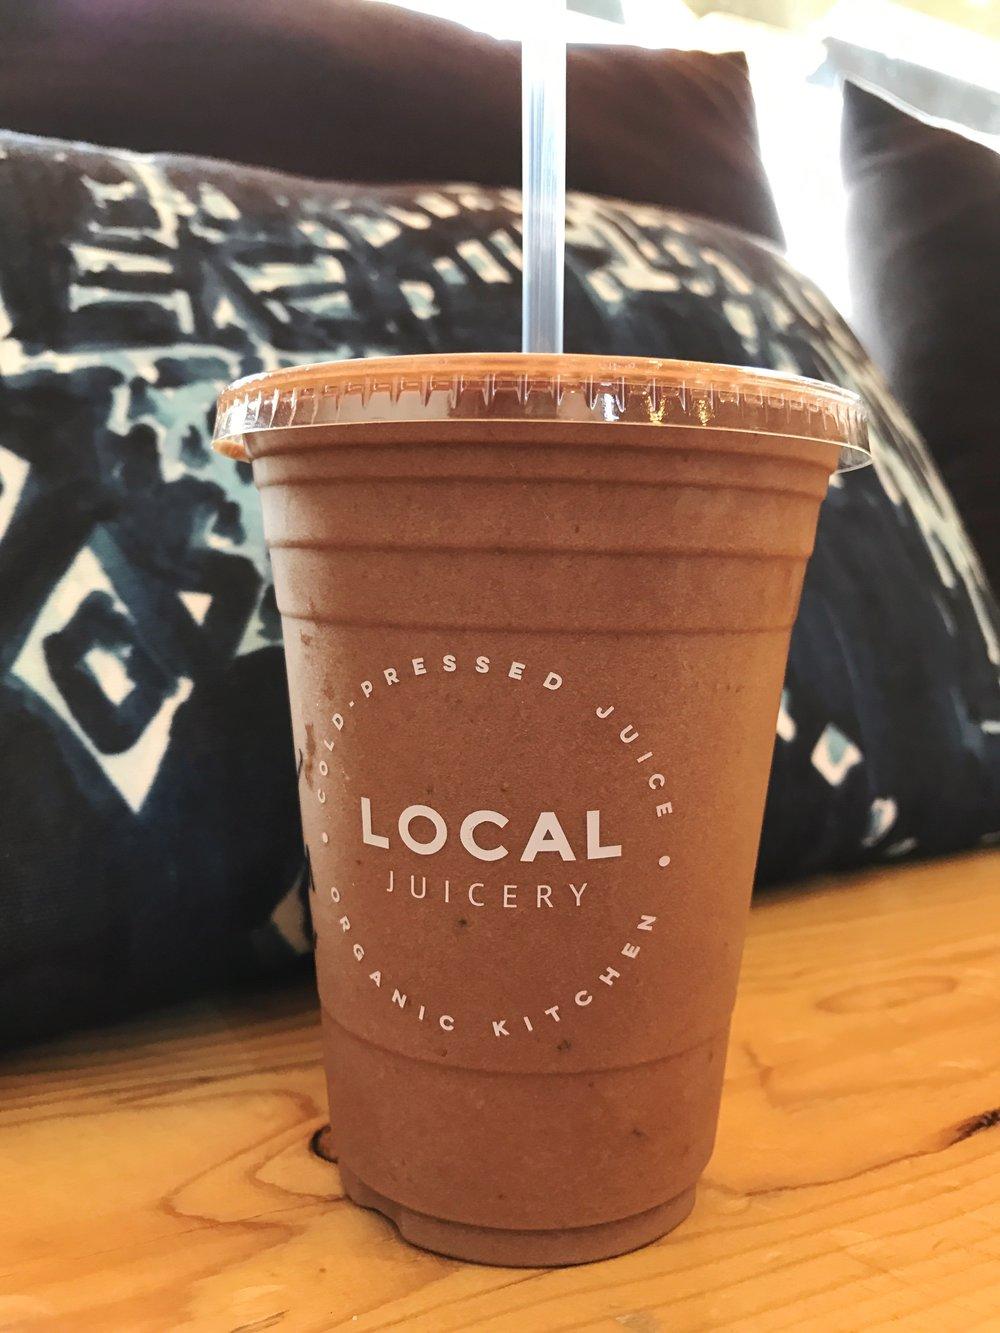 Local Juicery Sedona Arizona Classic Cacao Smoothie   Sedona Babymoon Itinerary   BySarahRae.com